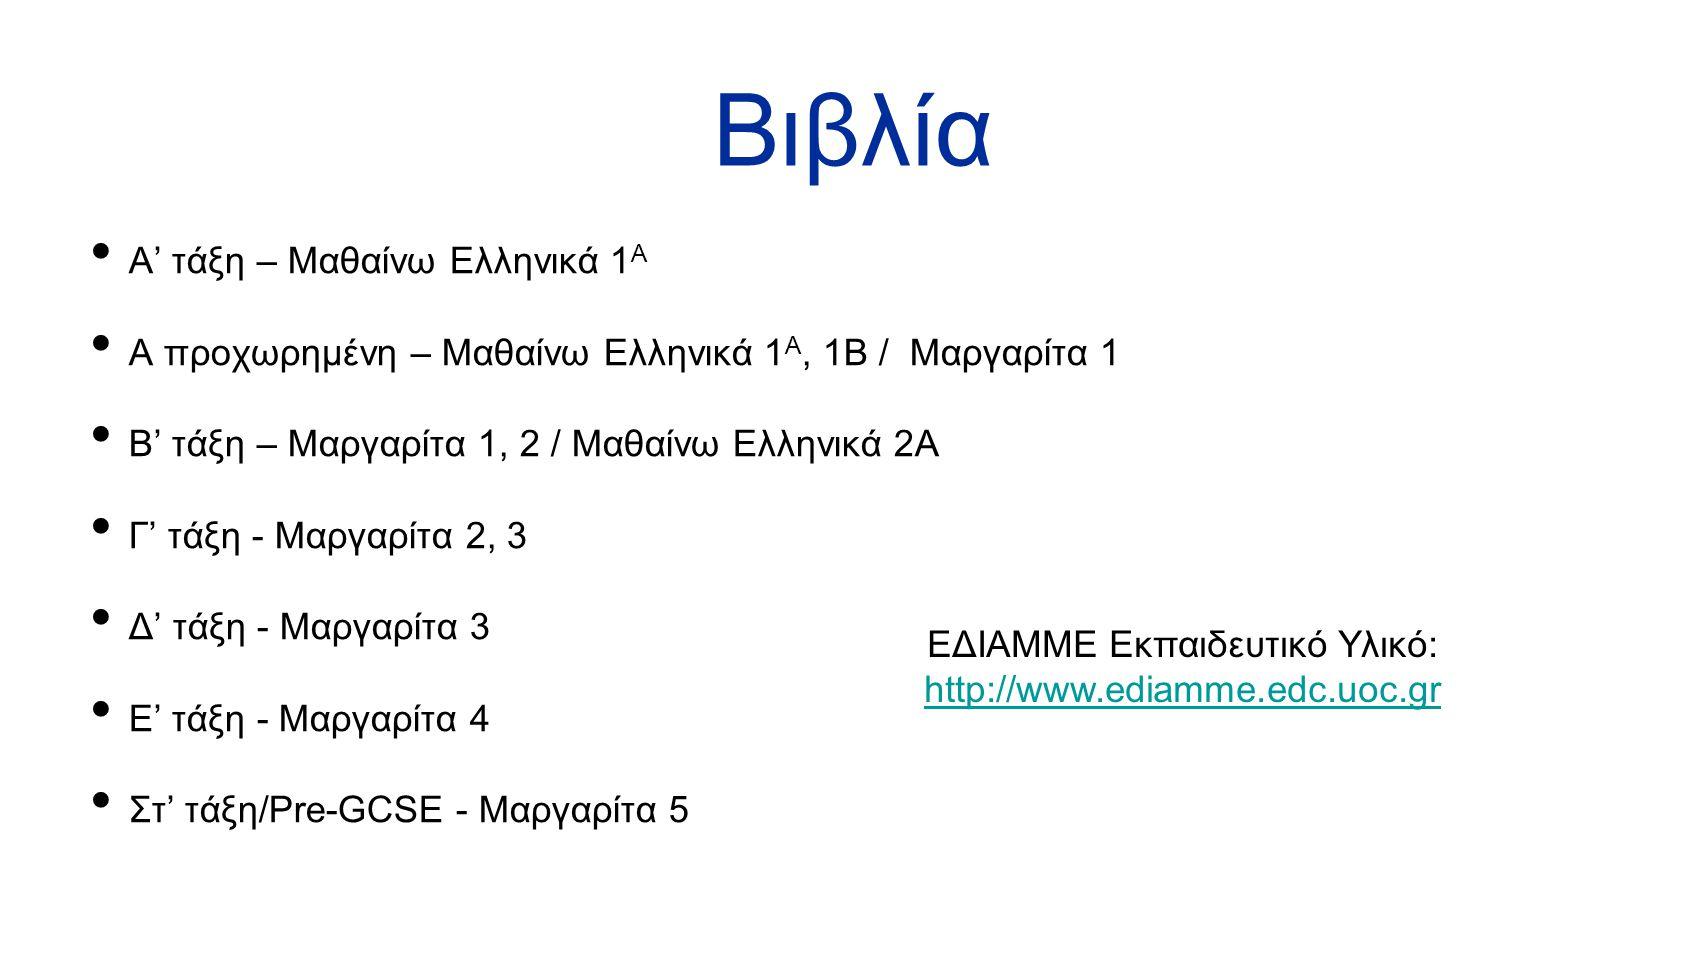 Βιβλία Α' τάξη – Μαθαίνω Ελληνικά 1 Α Α προχωρημένη – Μαθαίνω Ελληνικά 1 Α, 1Β / Μαργαρίτα 1 Β' τάξη – Μαργαρίτα 1, 2 / Μαθαίνω Ελληνικά 2Α Γ' τάξη -